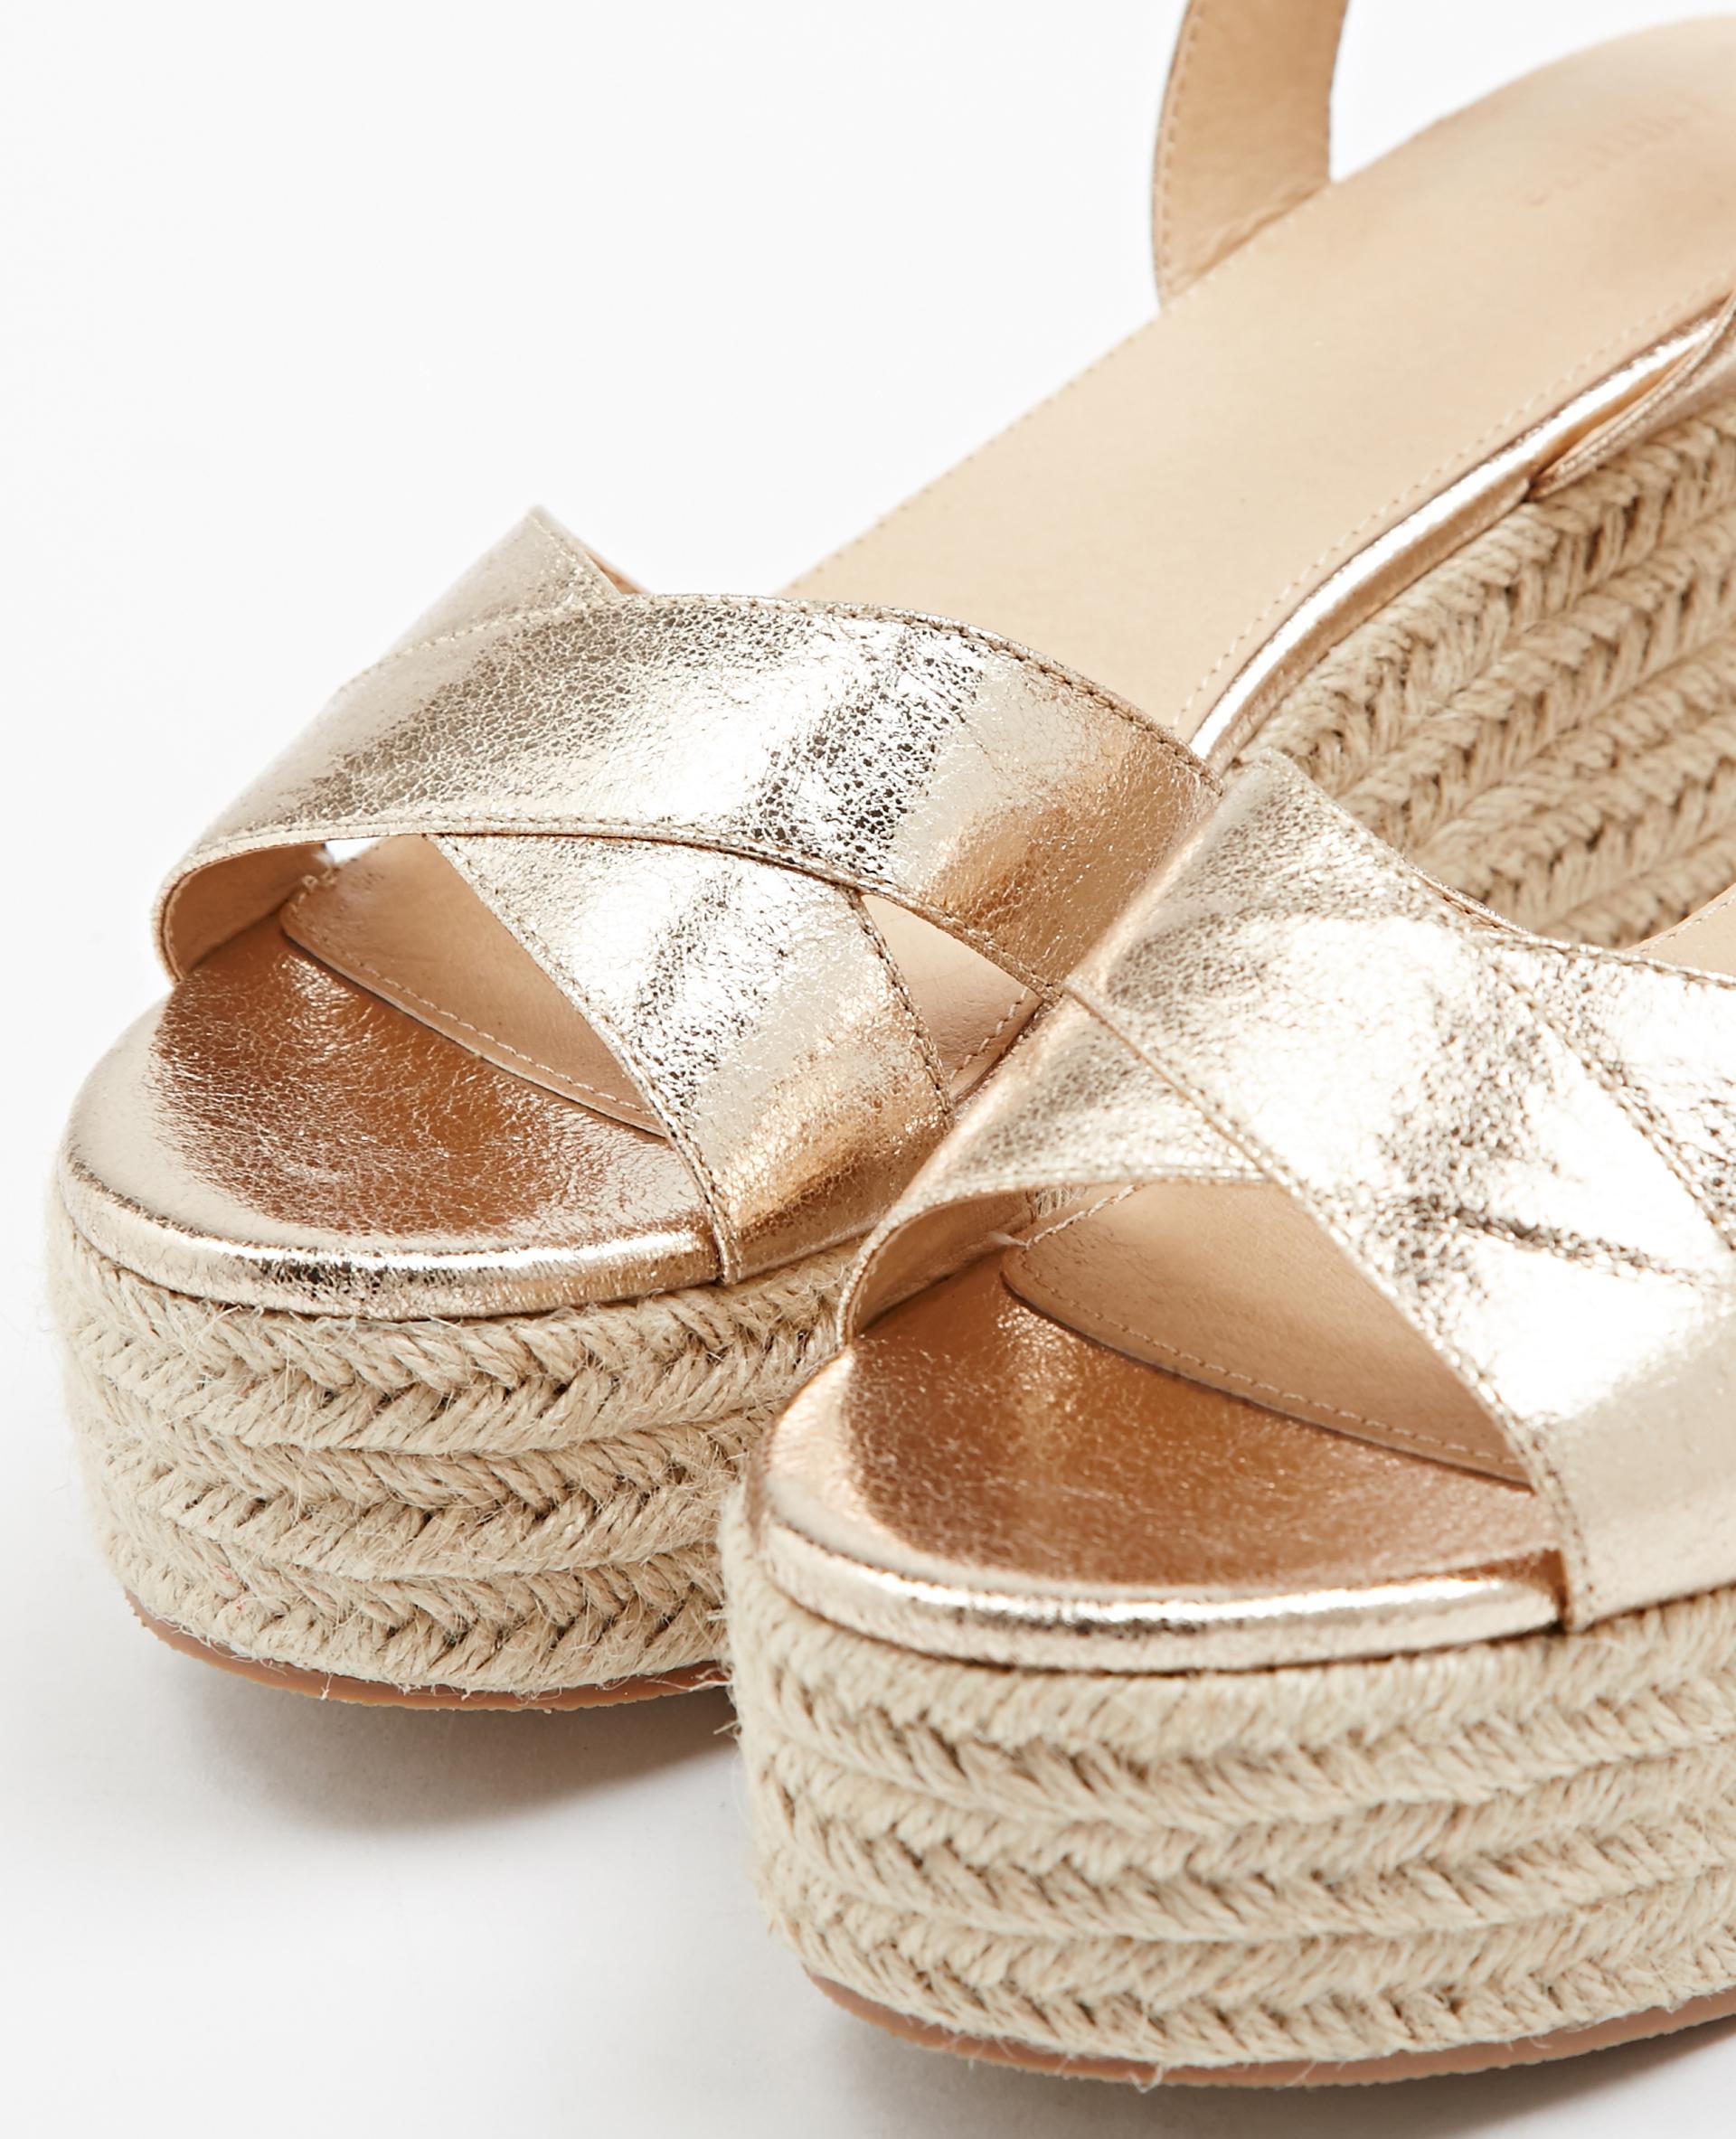 Sandales Compensées Doré 916490099a0g Pimkie